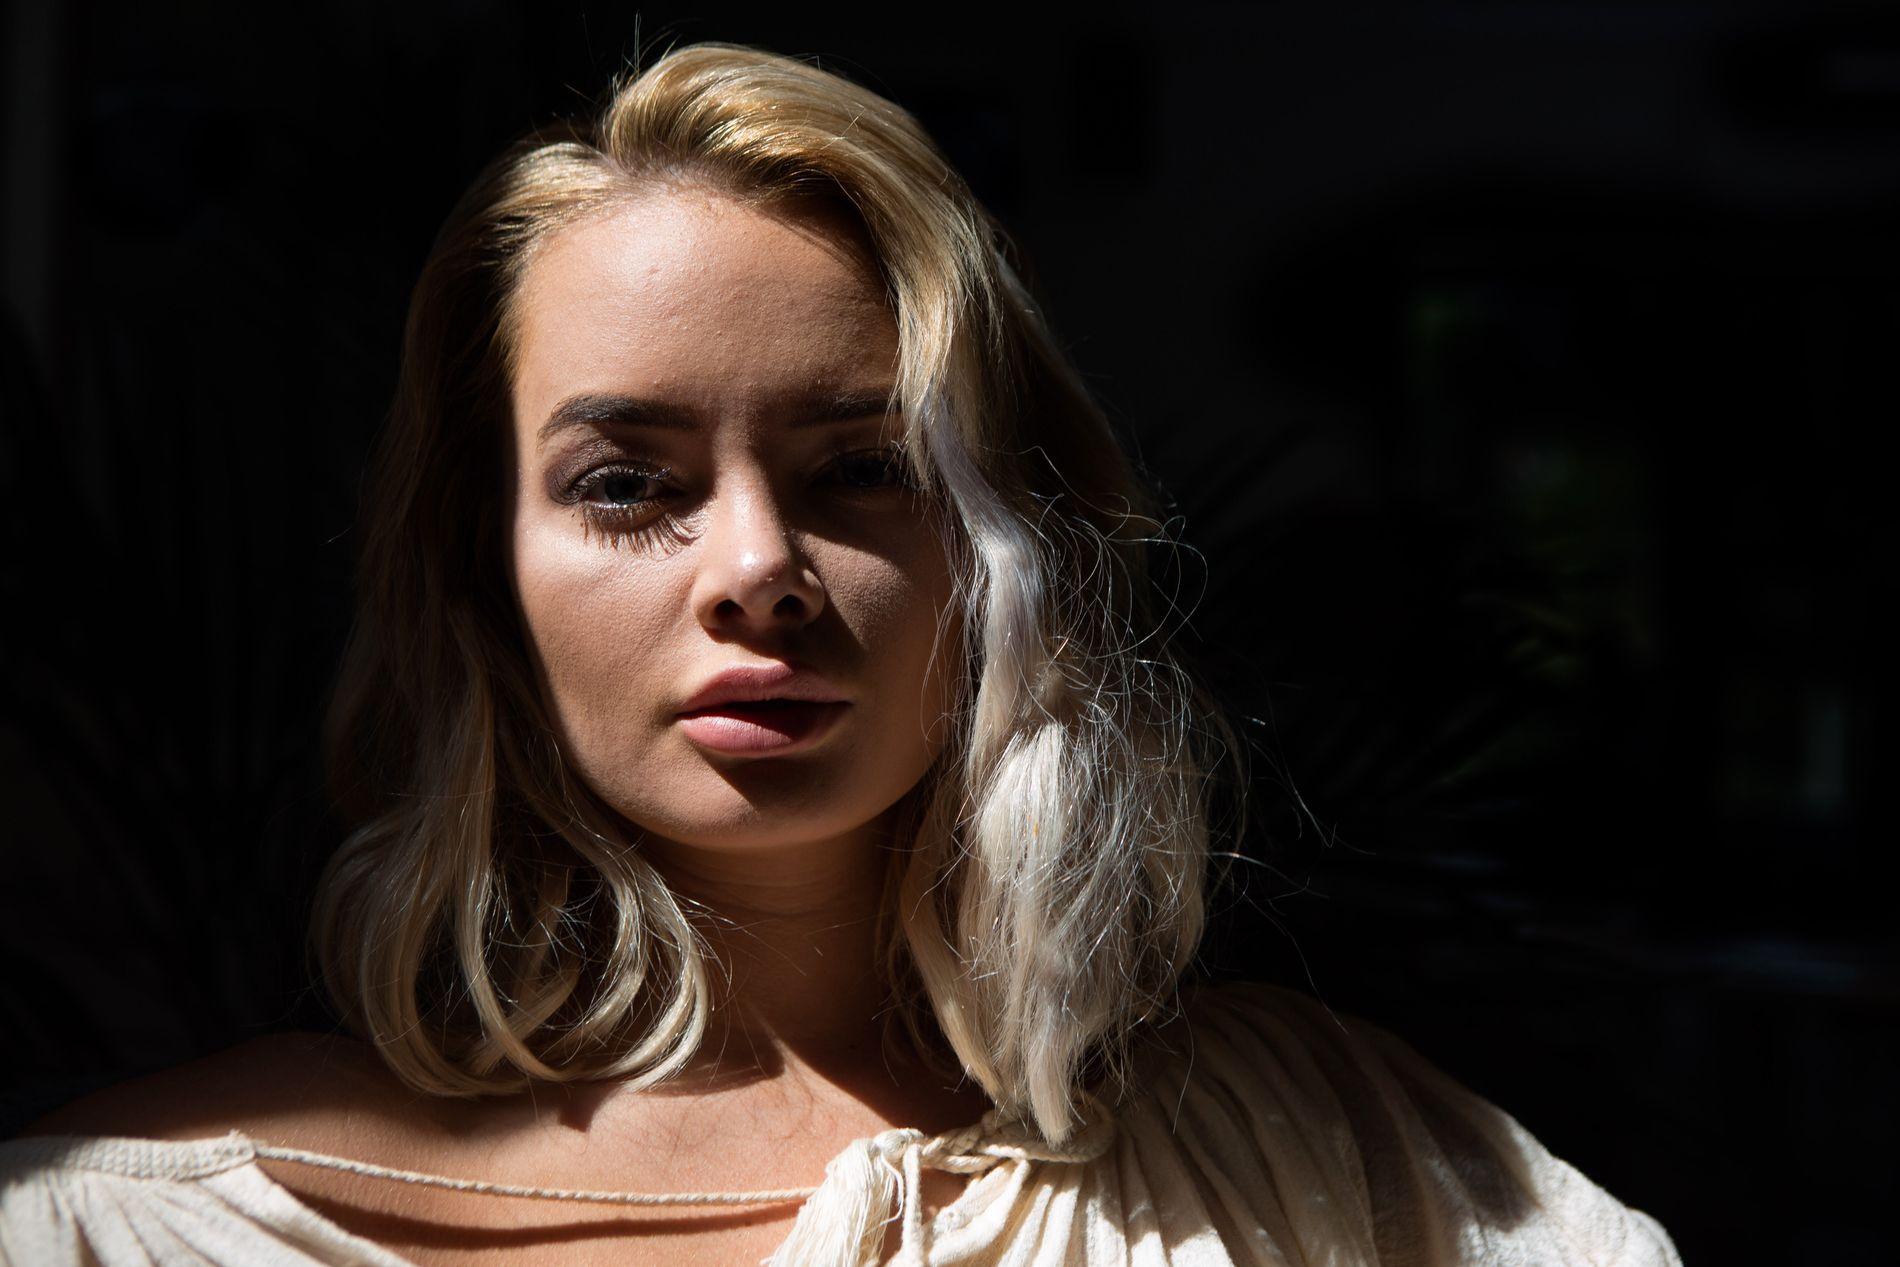 SLÅR TILBAKE MOT «SLUTSHAMING»: Den kjente bloggeren Sophie Elise Isachsen (21).